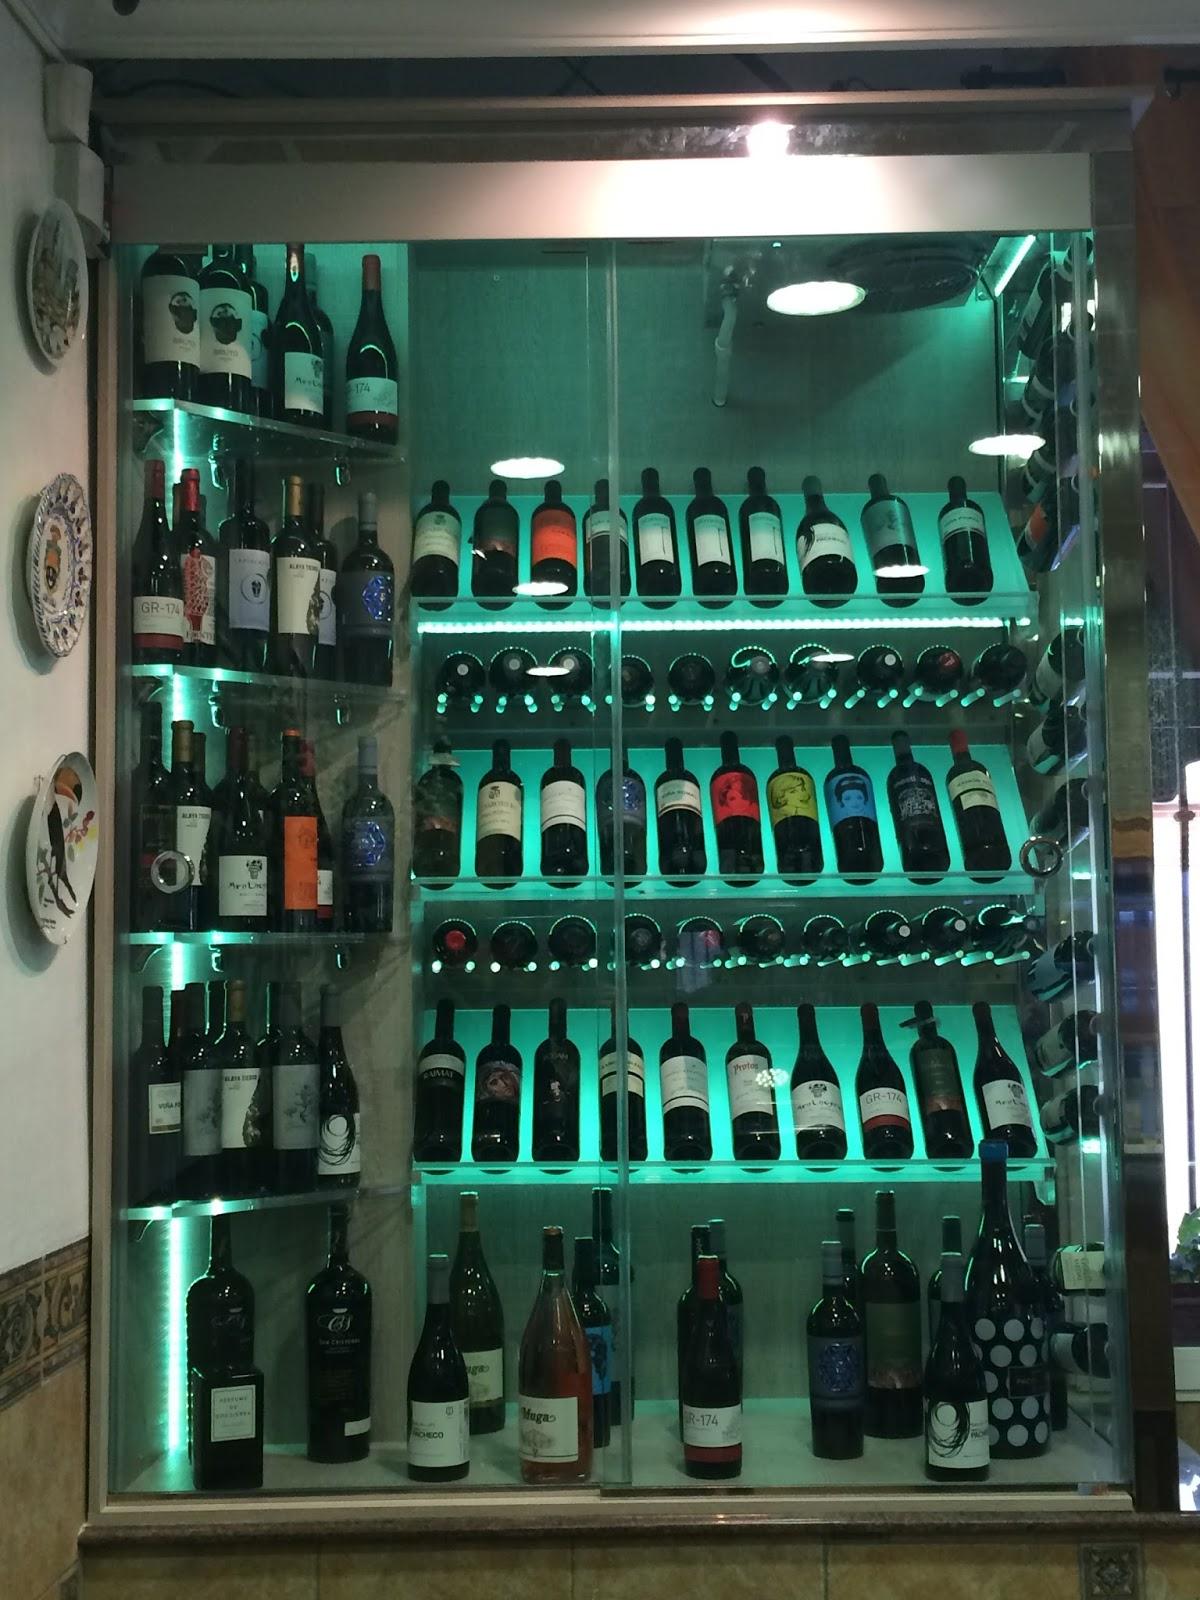 Vic lau creaci n y dise o de cavas bodegas de vino - Diseno de vinotecas ...